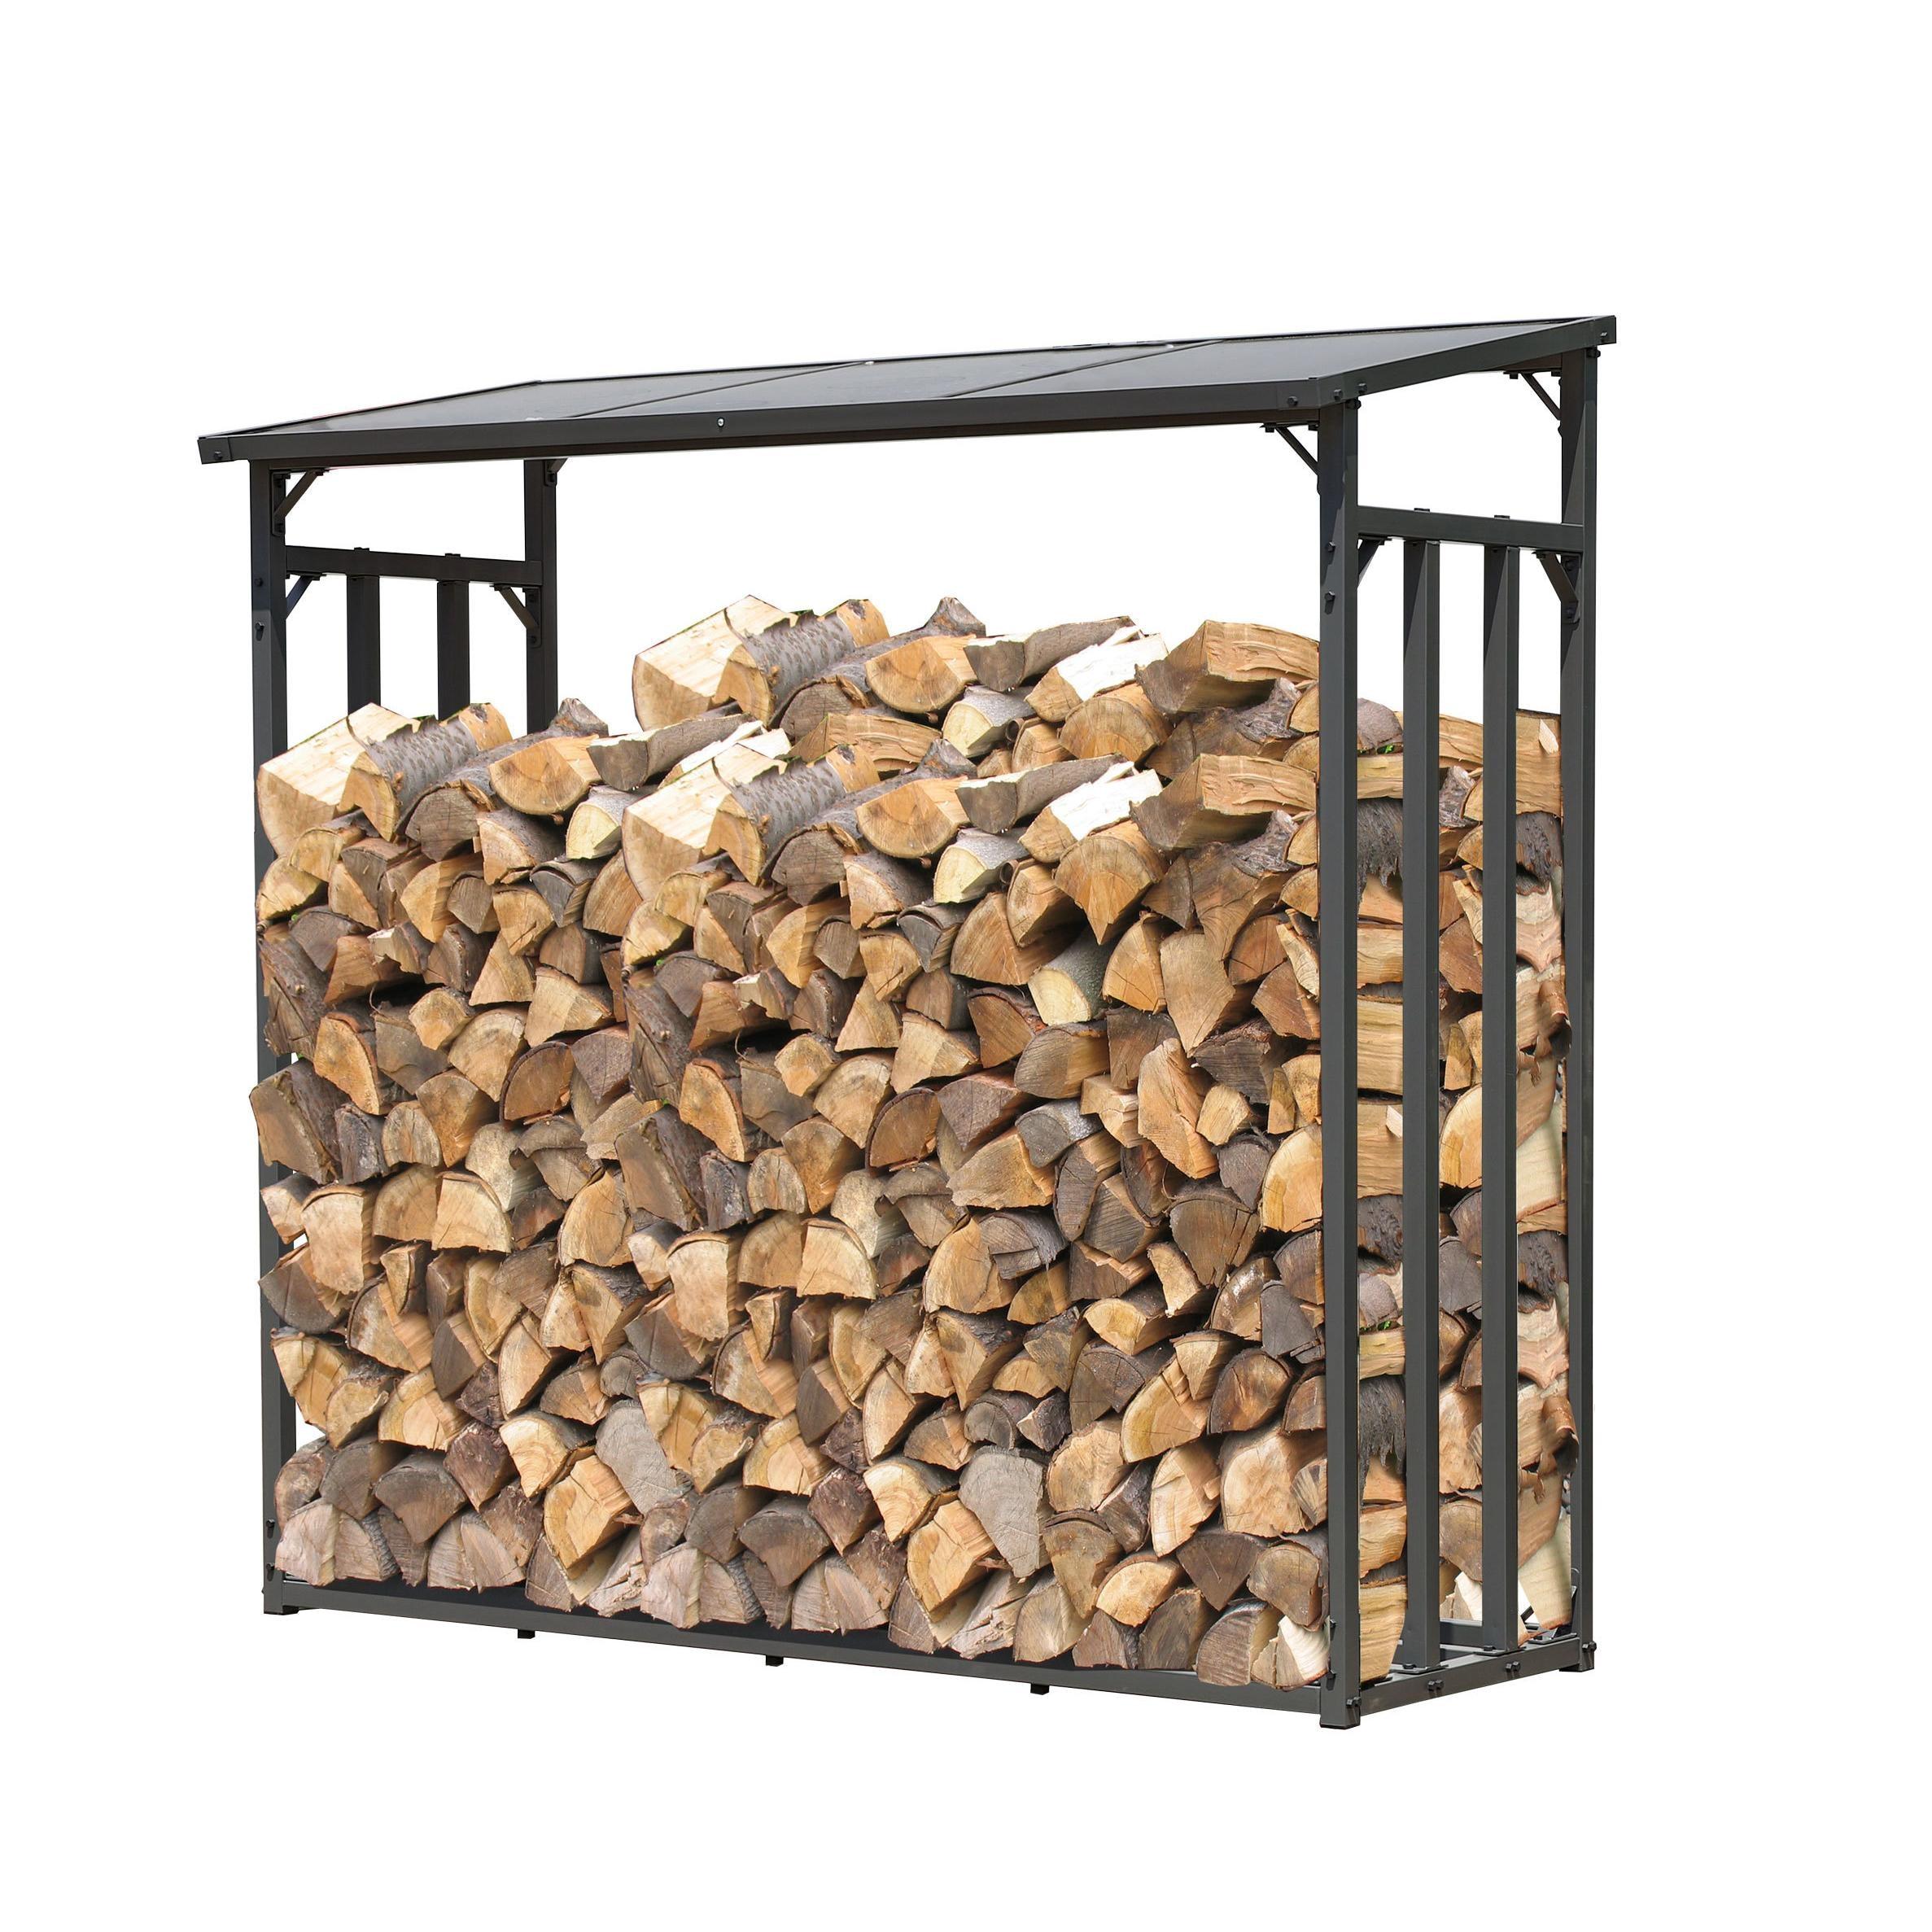 Outdoormöbel » Große Auswahl & schnelle Lieferung   REWE